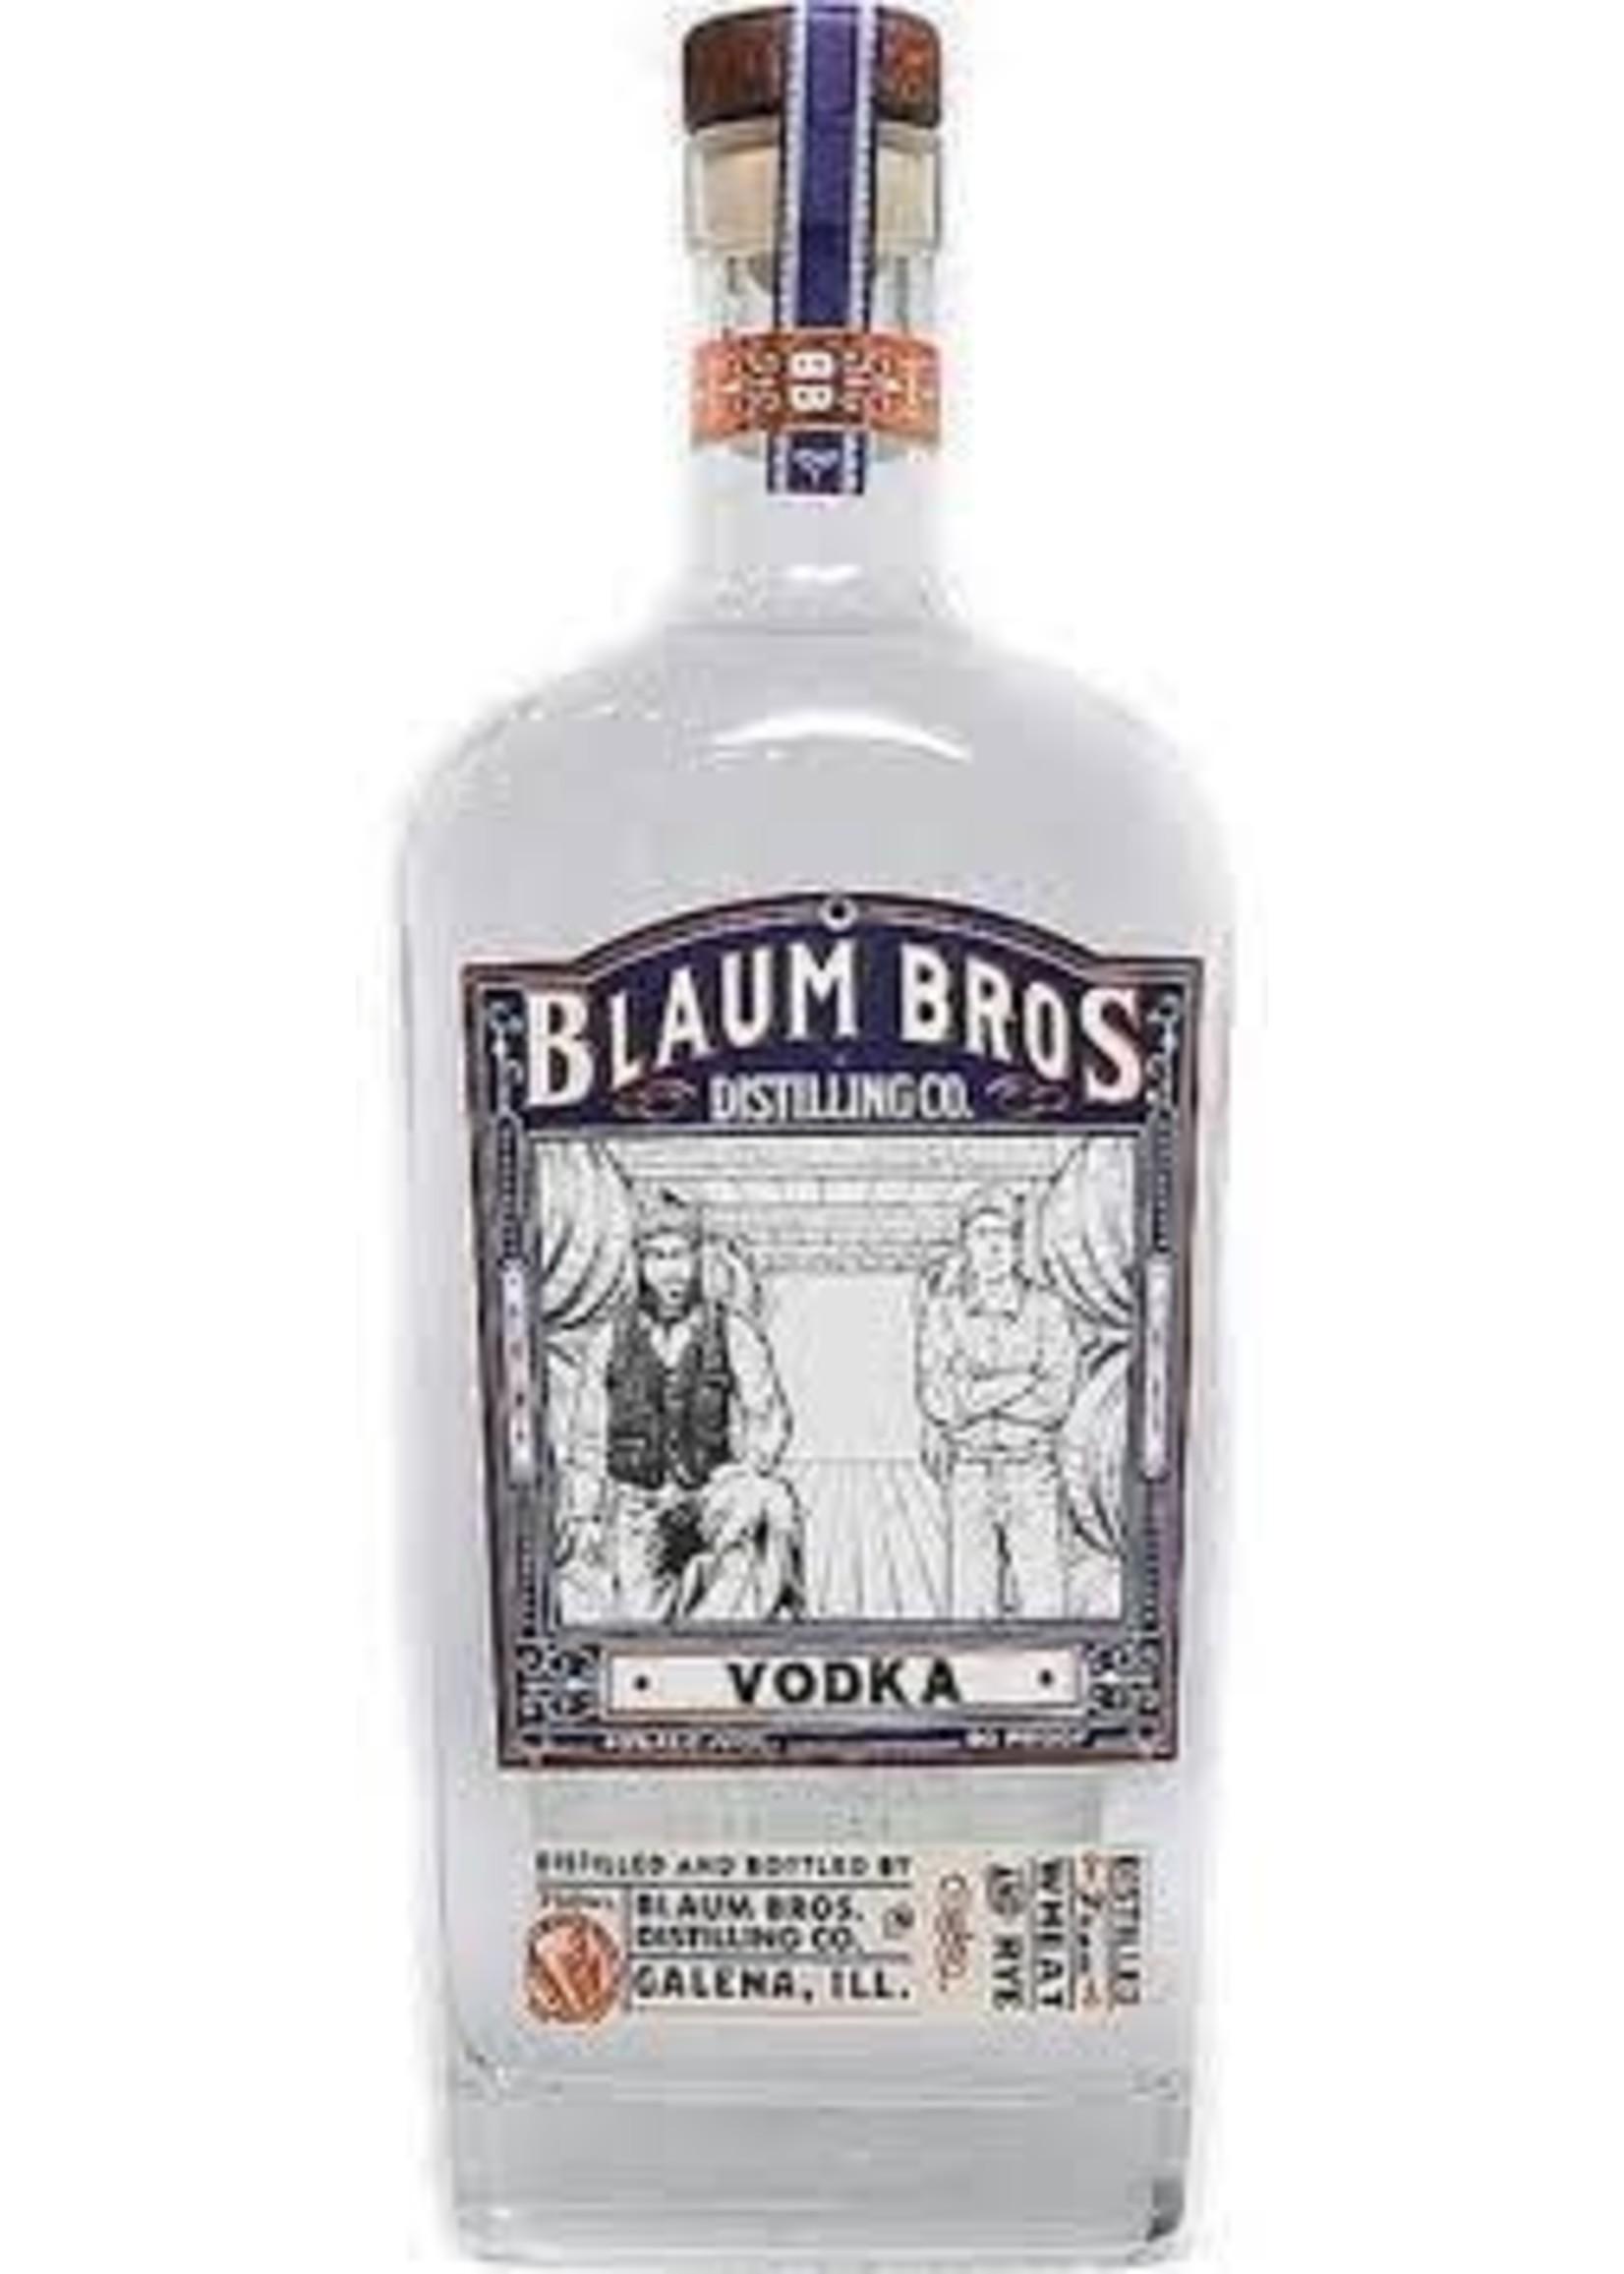 Blaum Bros Vodka 750ml